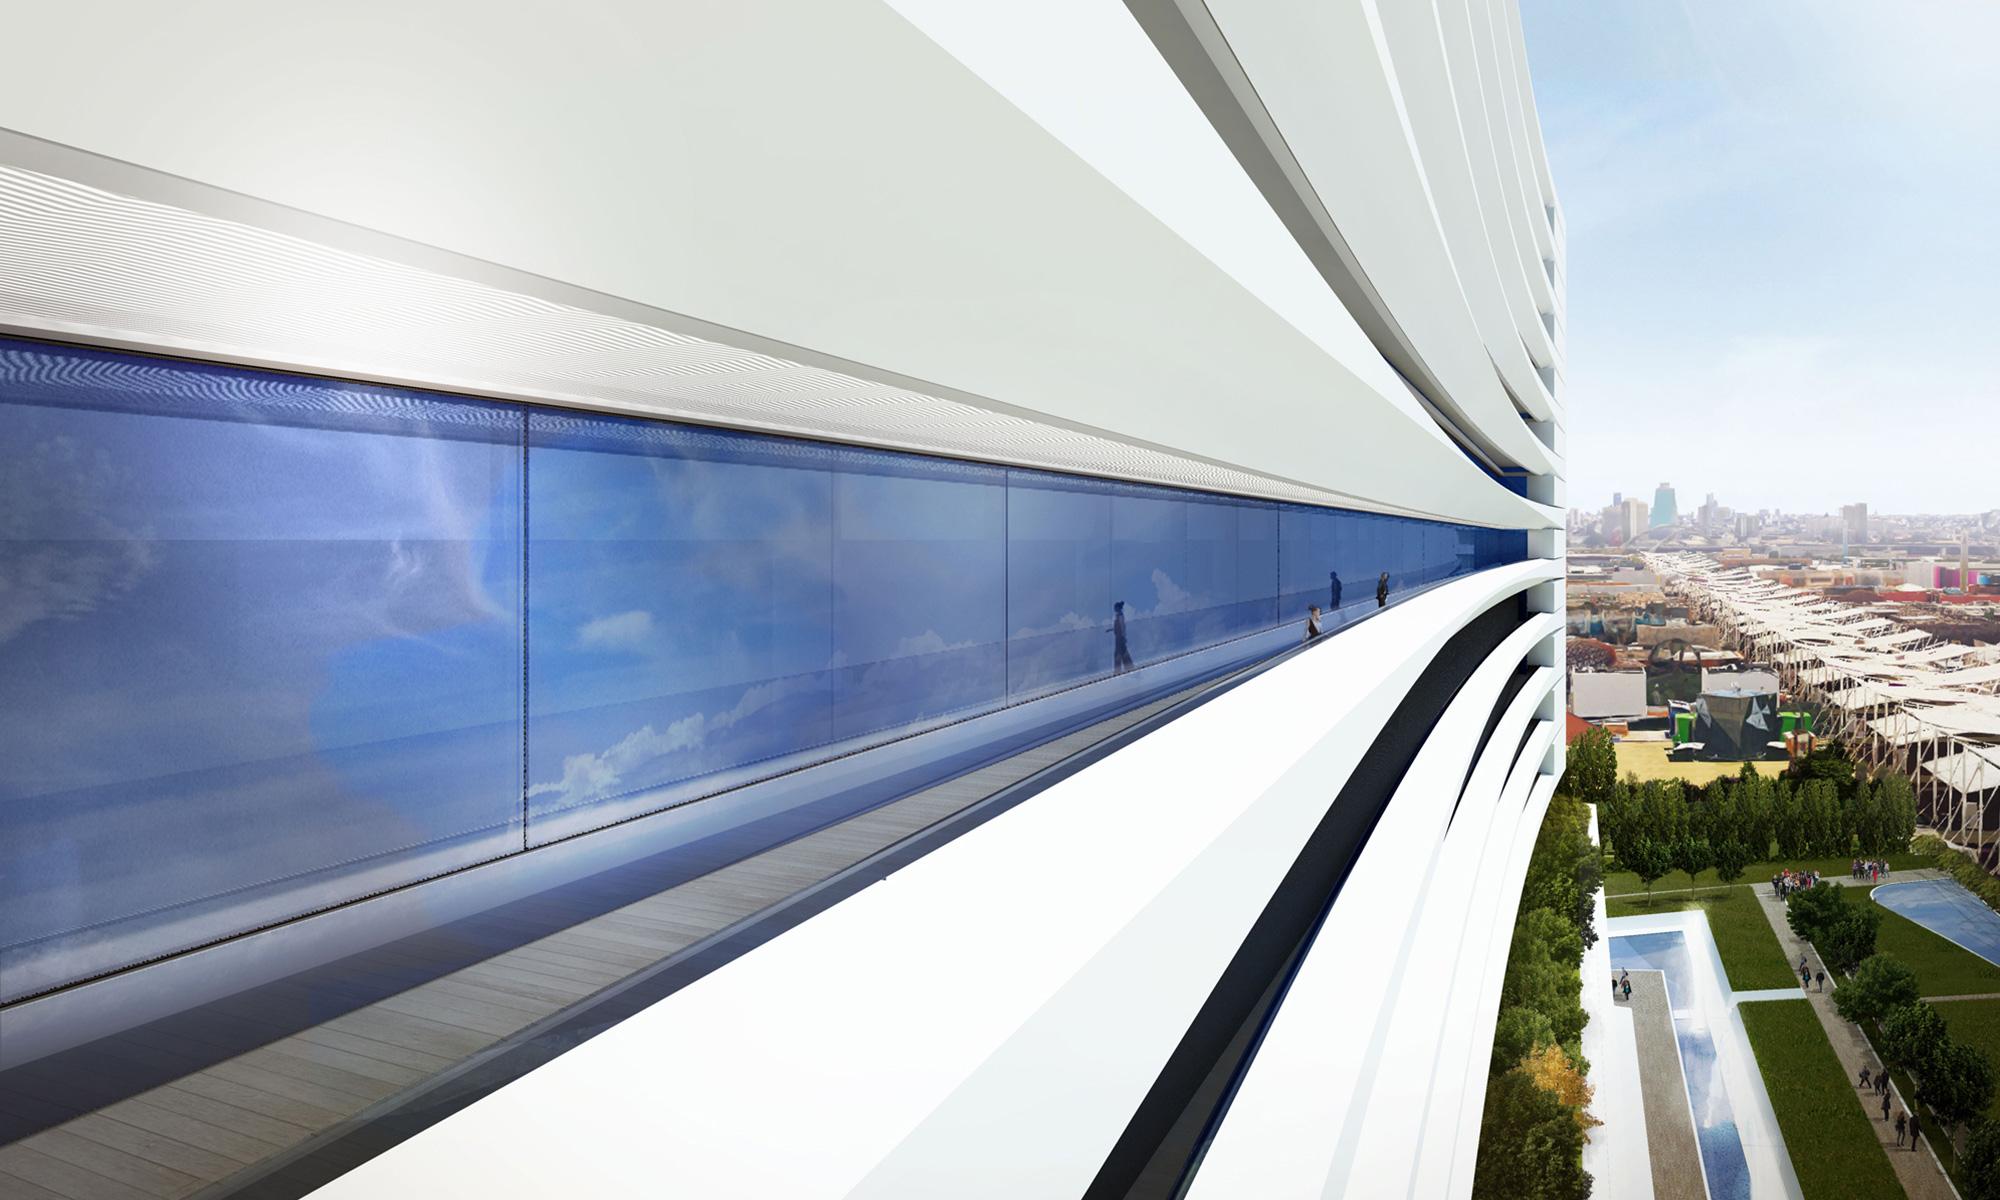 Ingegnere Tommaso Mendicino, IRCCS Galeazzi, Milano, Binini Partners, Società di architettura e ingegneria, Reggio Emilia, Italia